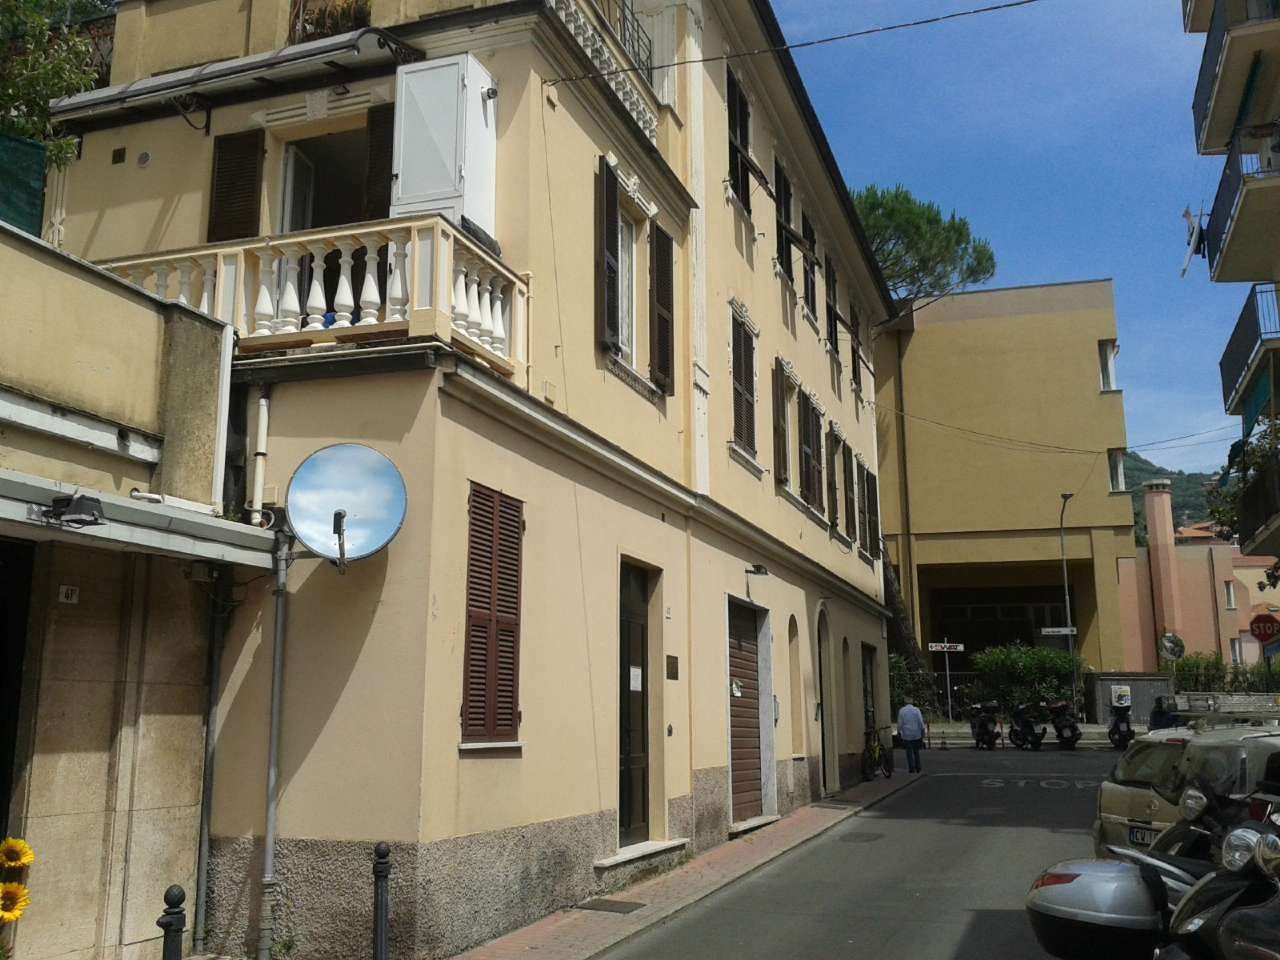 Negozio / Locale in vendita a Rapallo, 2 locali, prezzo € 120.000 | PortaleAgenzieImmobiliari.it